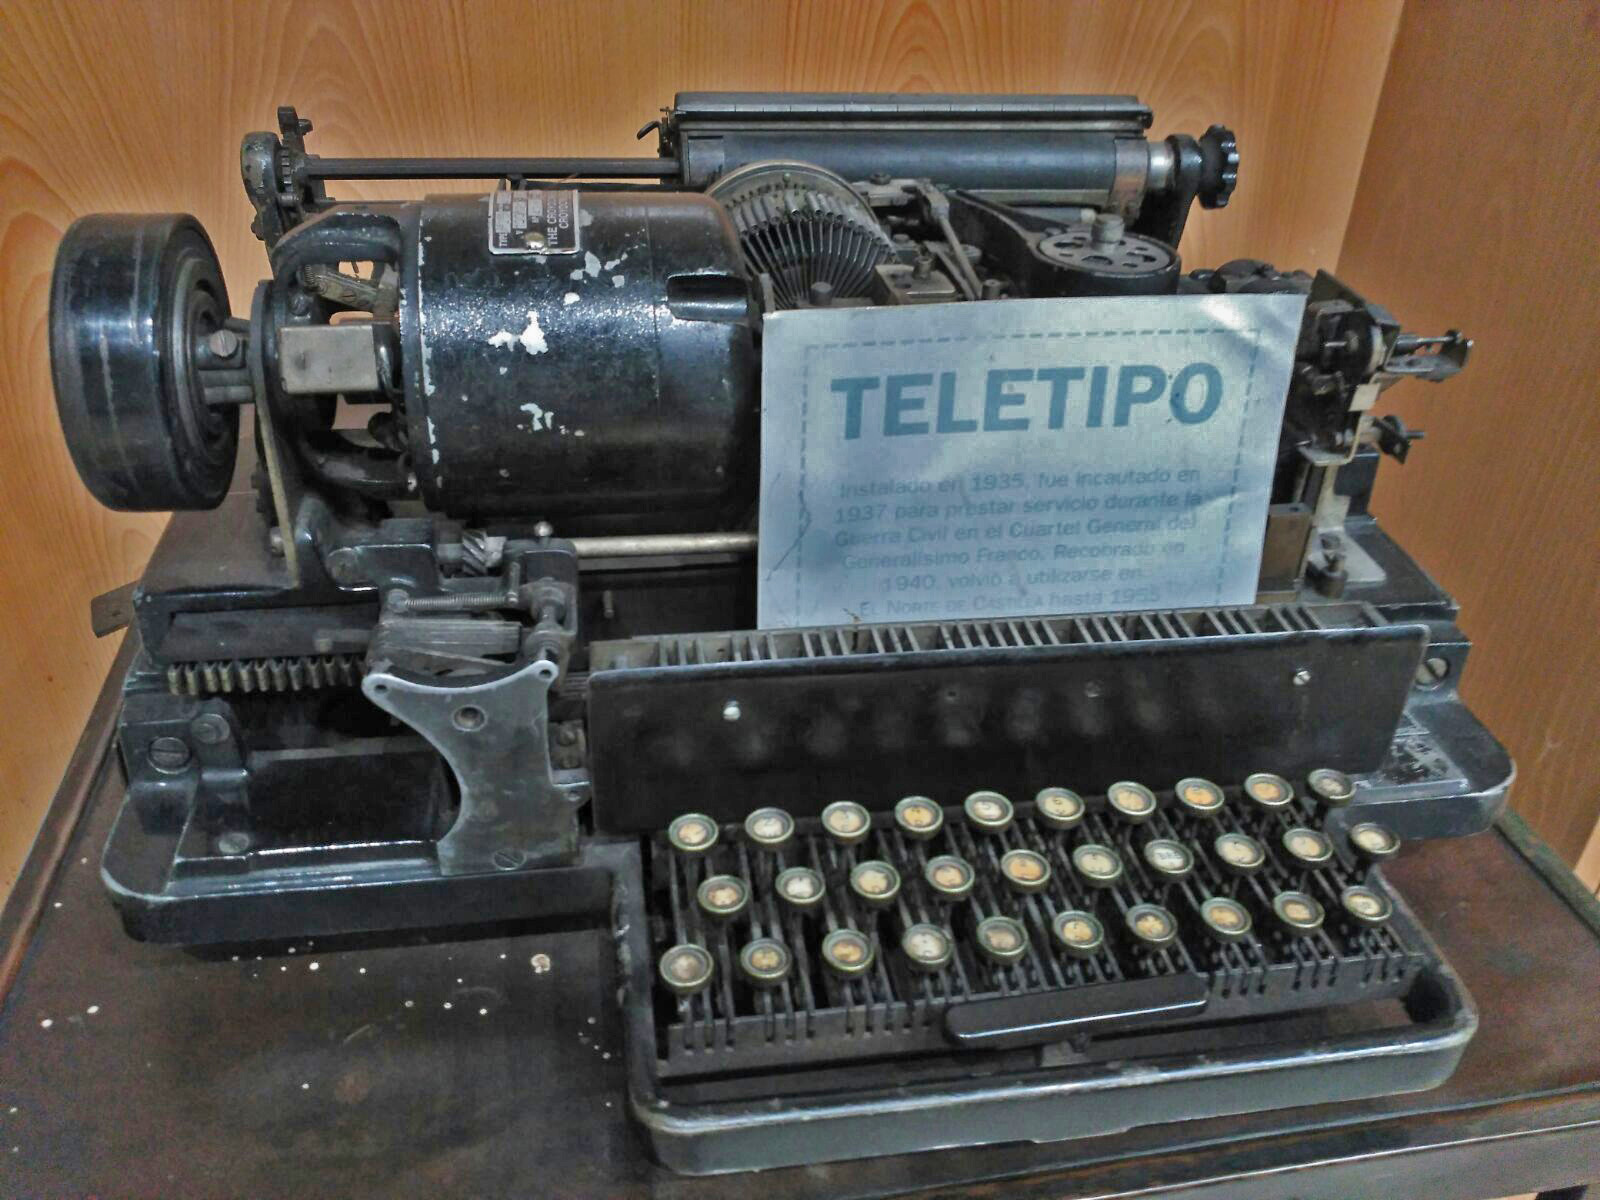 Del teletipo a comunicados de prensa: la evolución de la información en las redacciones - Blog de Comunicae.es